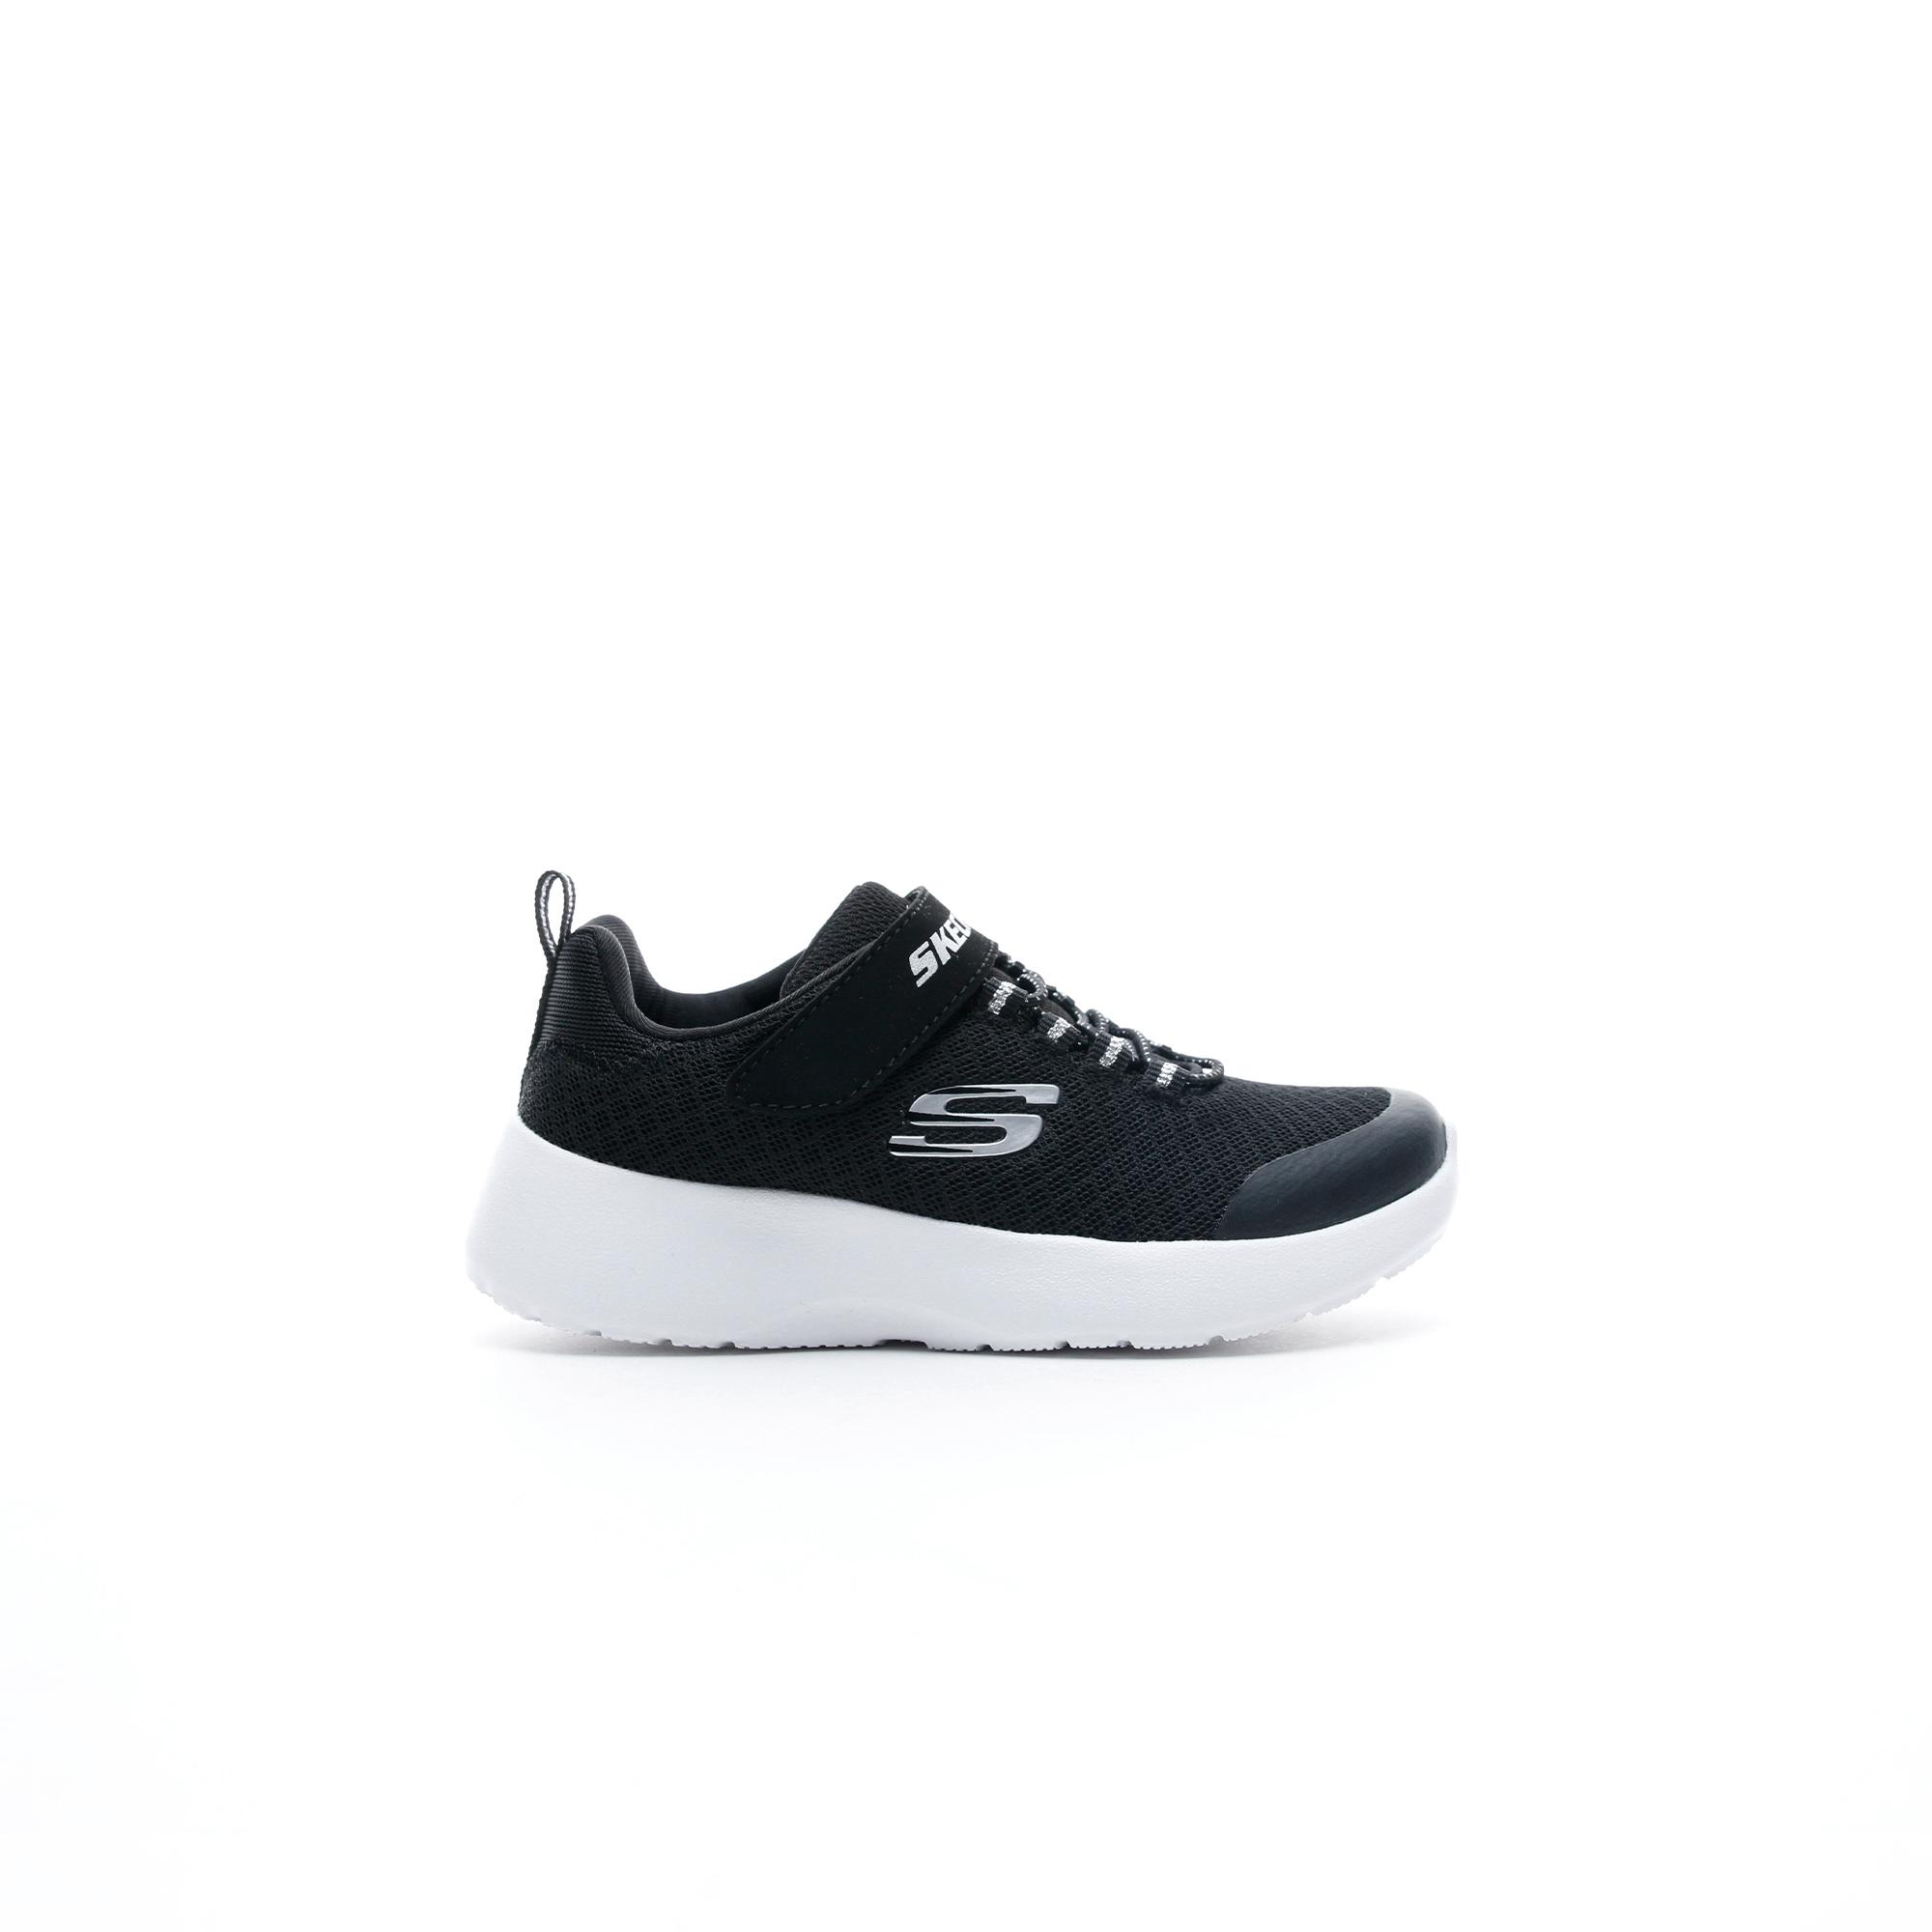 Skechers Dynamight Çocuk Siyah Spor Ayakkabı